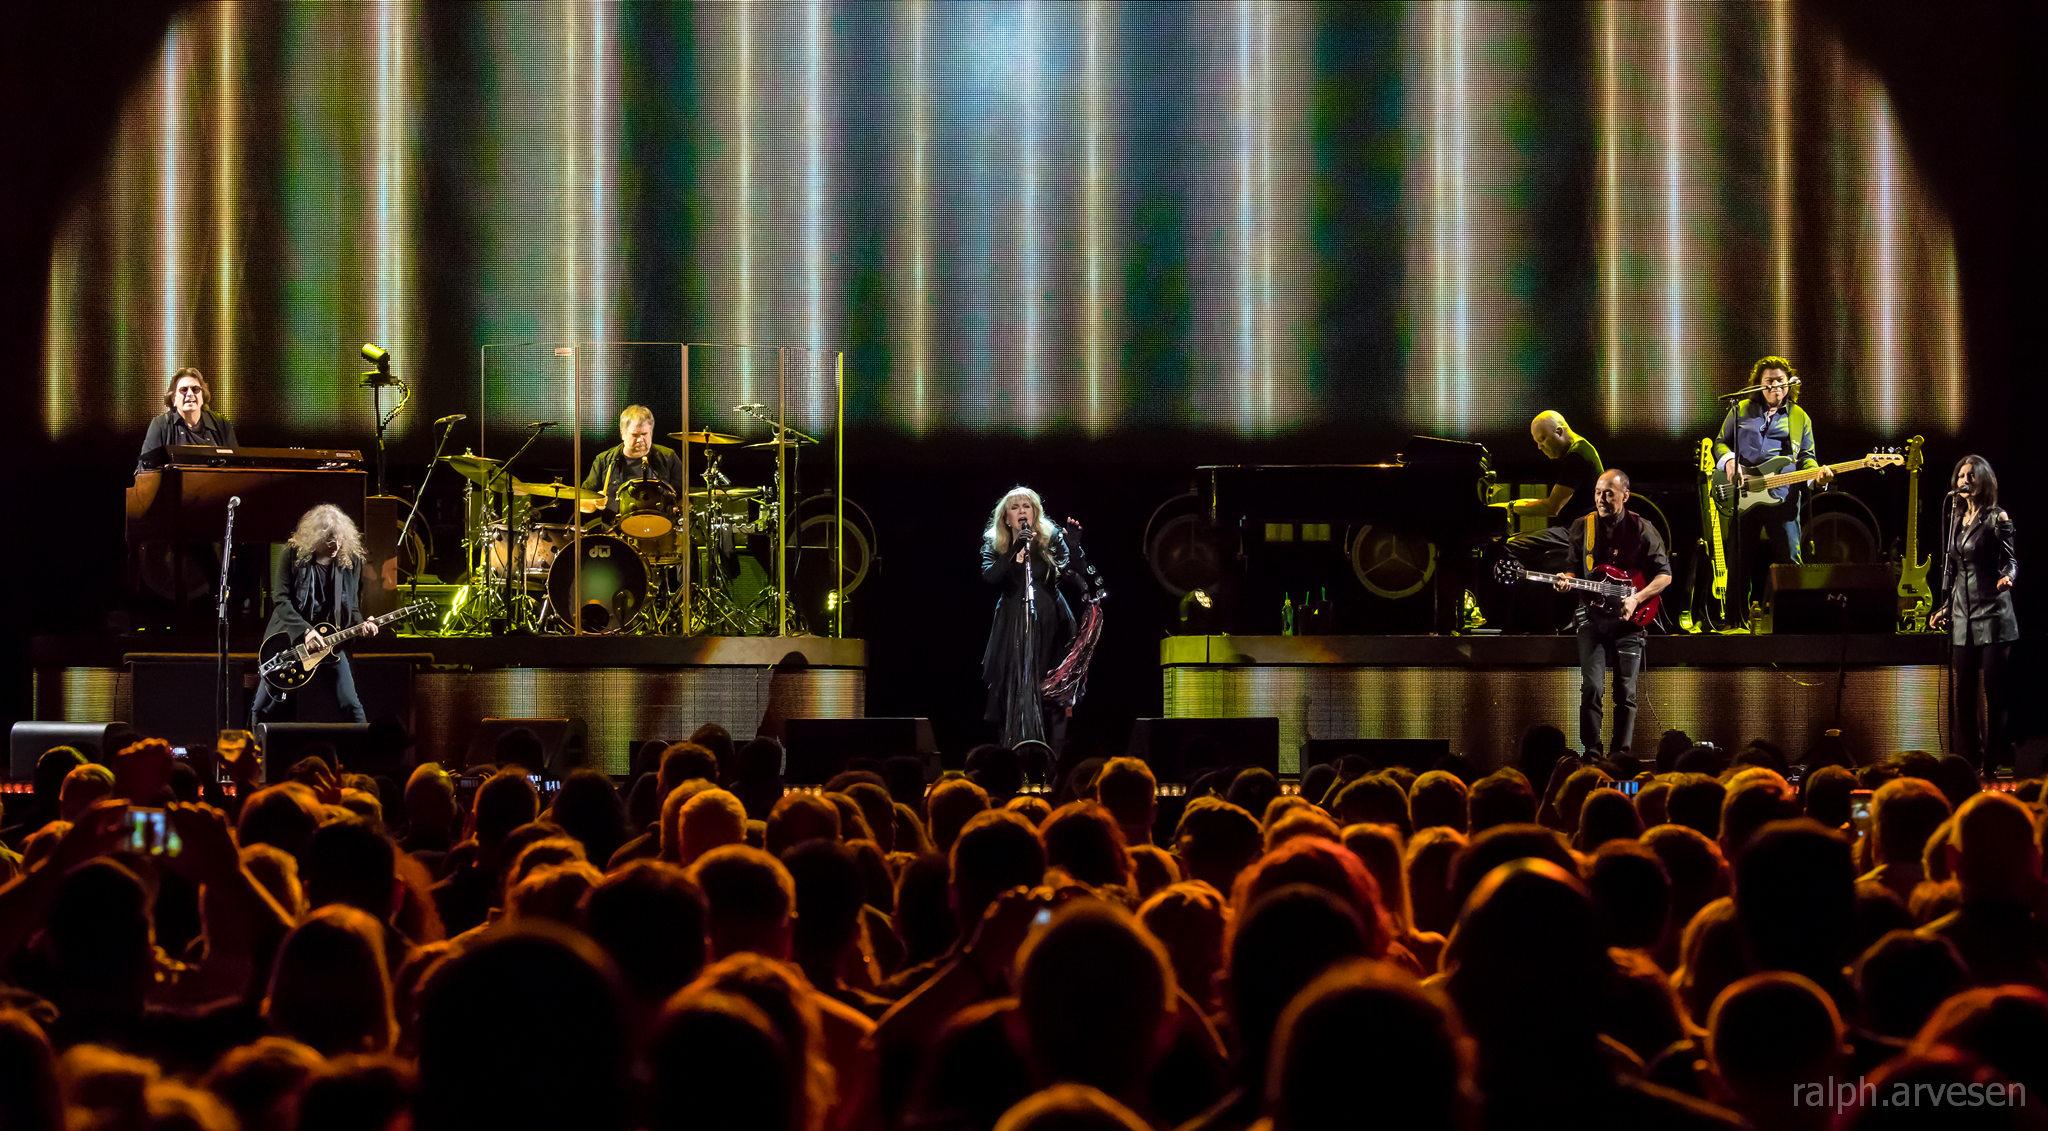 Stevie Nicks performing in 2017